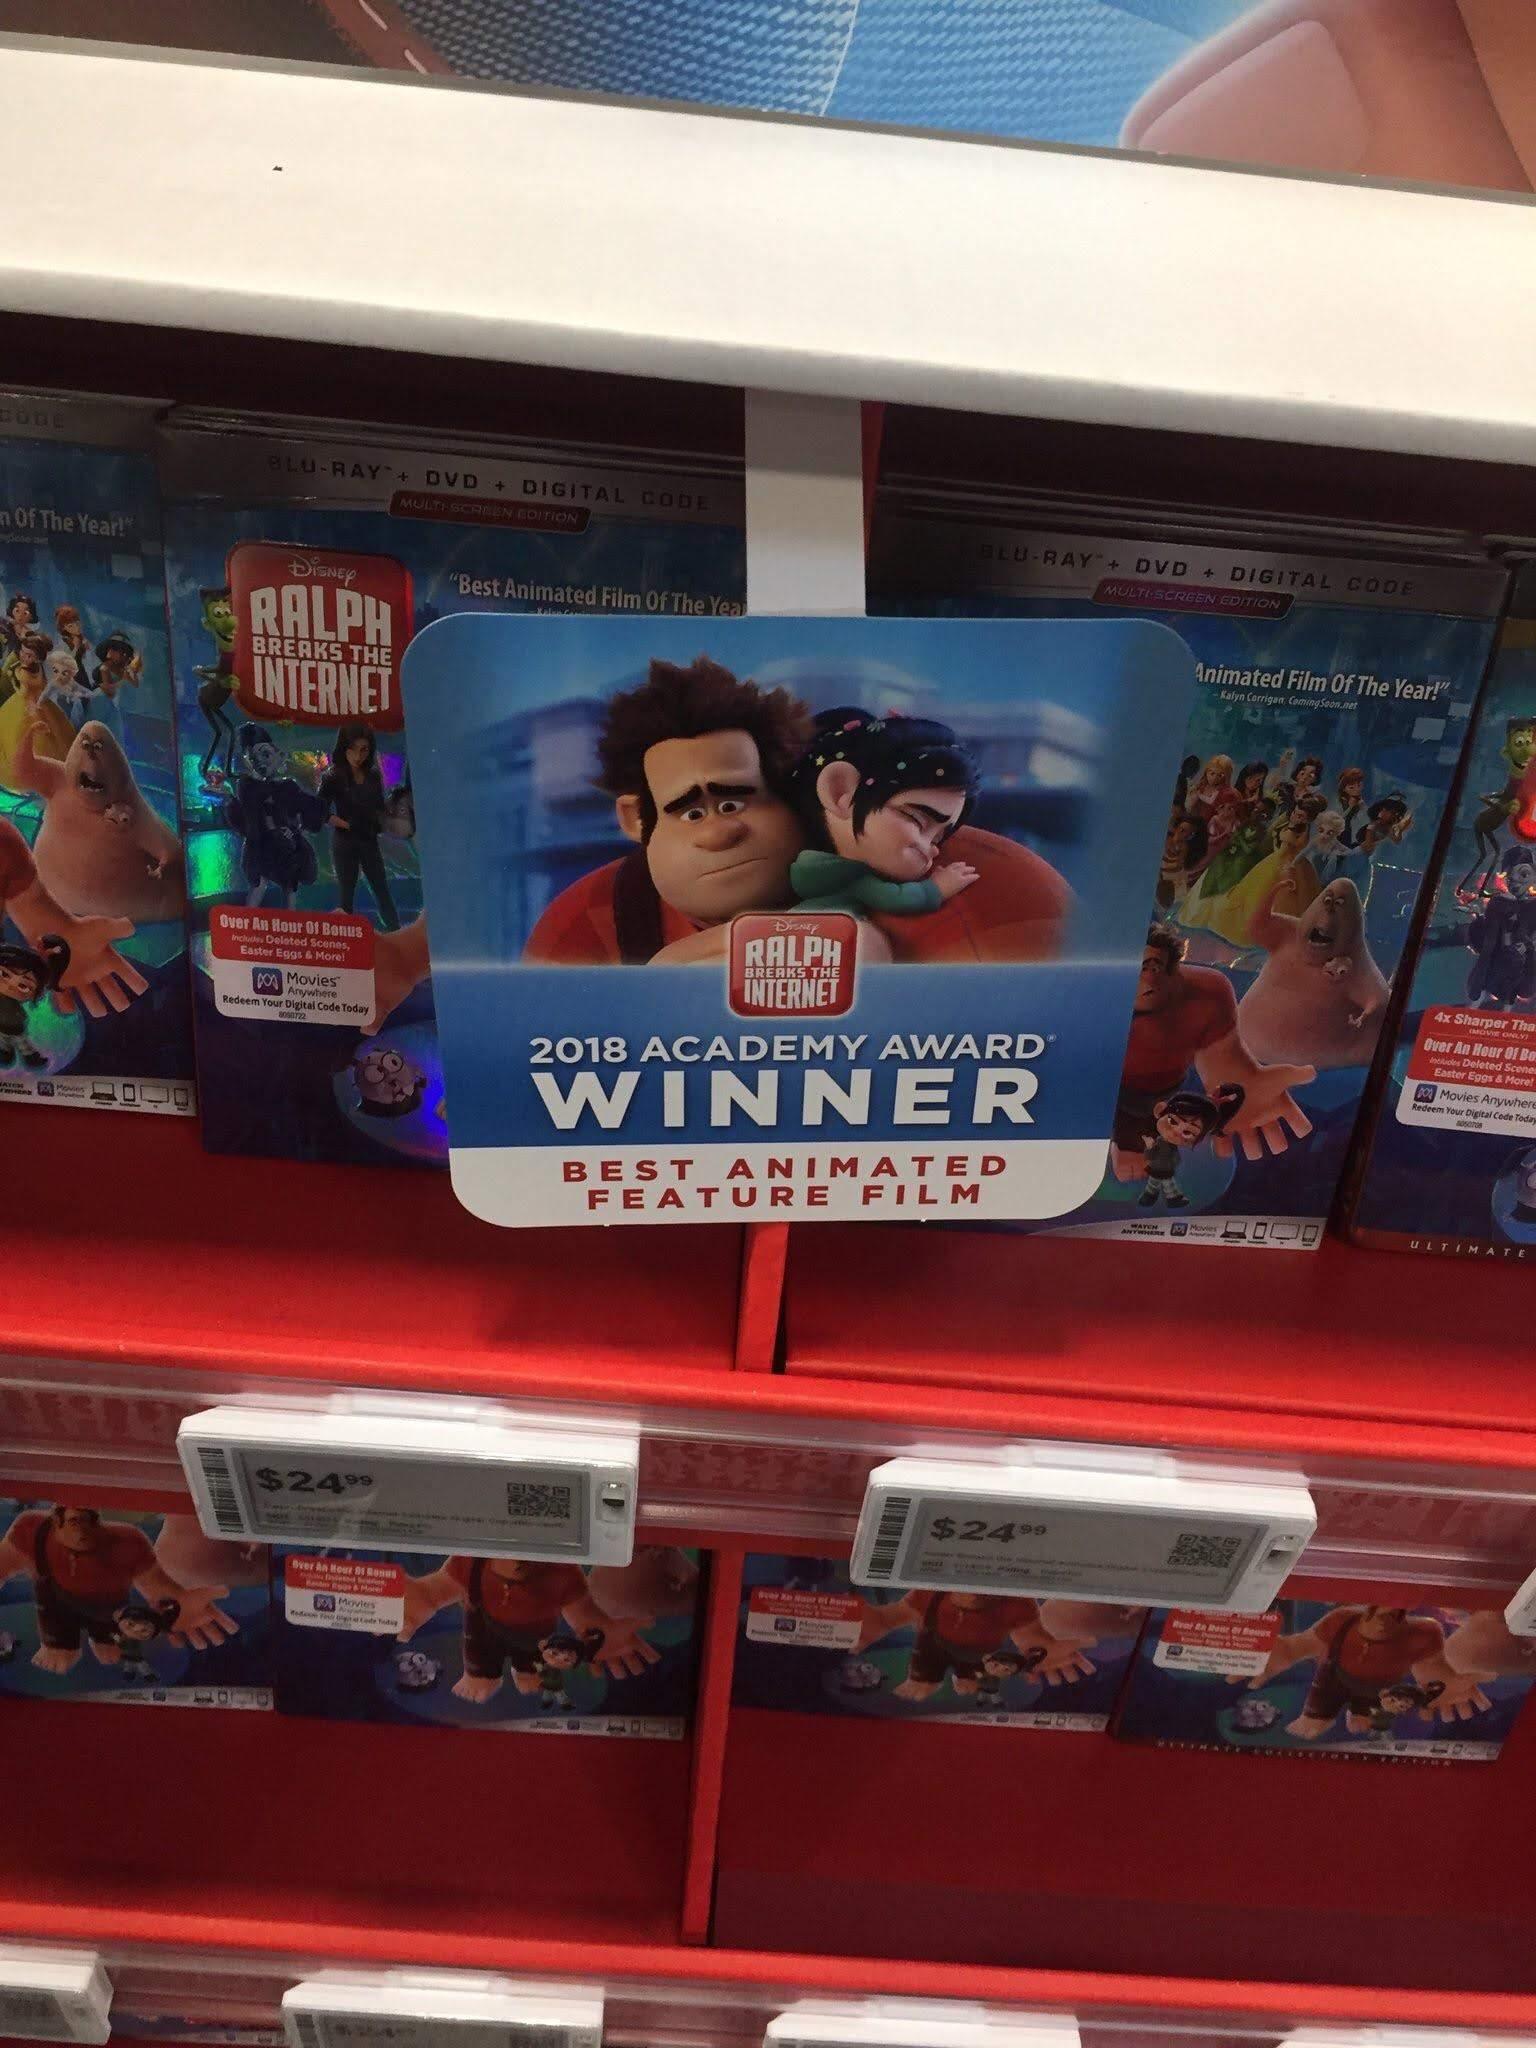 Let's Buy Winner of Academy Award Best Animated Feature Film Ralph Breaks The Internet : 第91回 アカデミー賞の最優秀長編アニメ映画賞に輝いたディズニーの傑作「ラルフ・ブレイクス・ジ・インターネット」をお買い求め下さい ! !